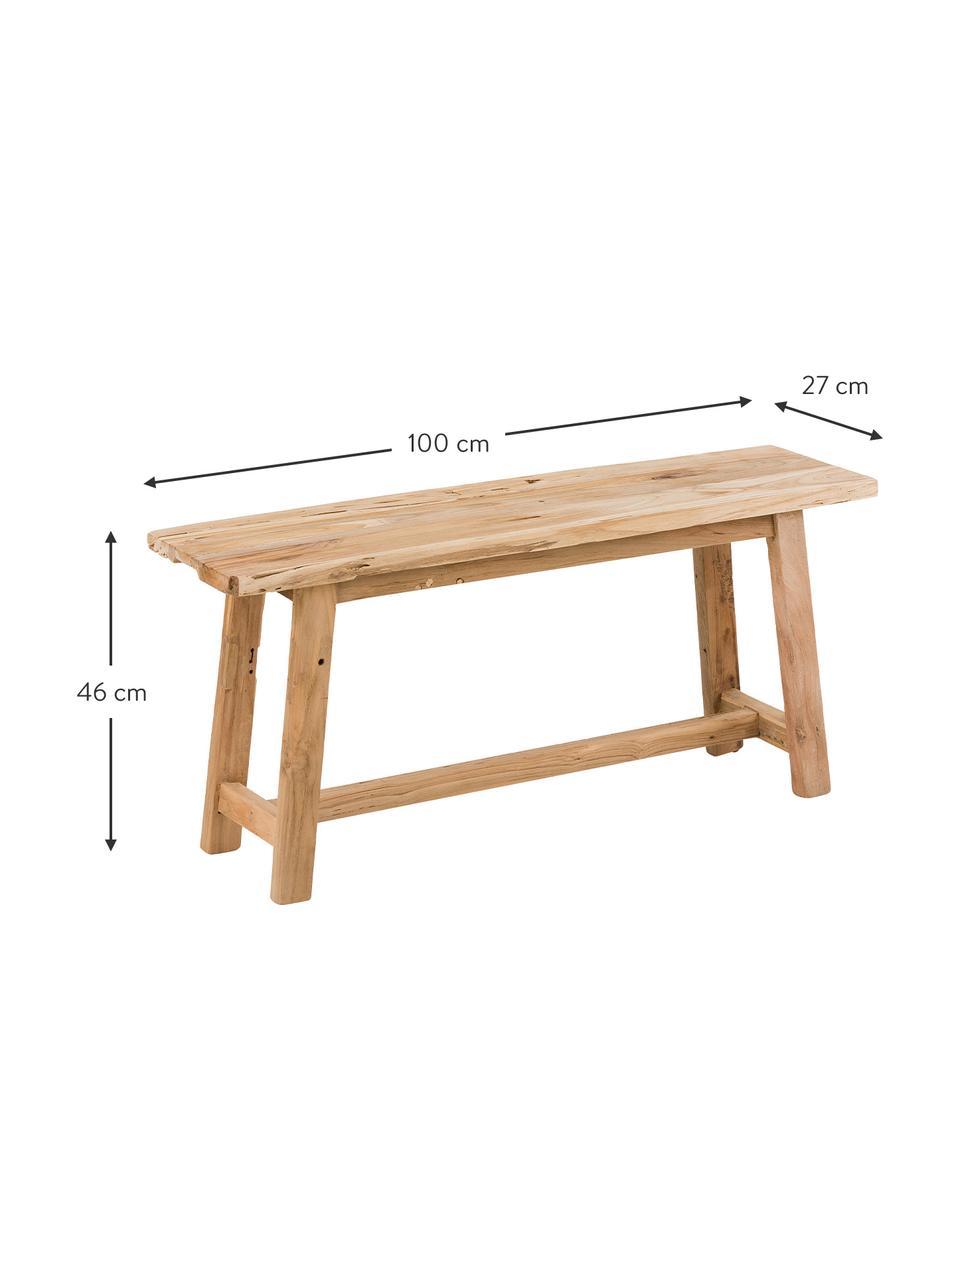 Ławka z drewna tekowego Lawas, Naturalne drewno tekowe, Drewno tekowe, S 100 x W 46 cm